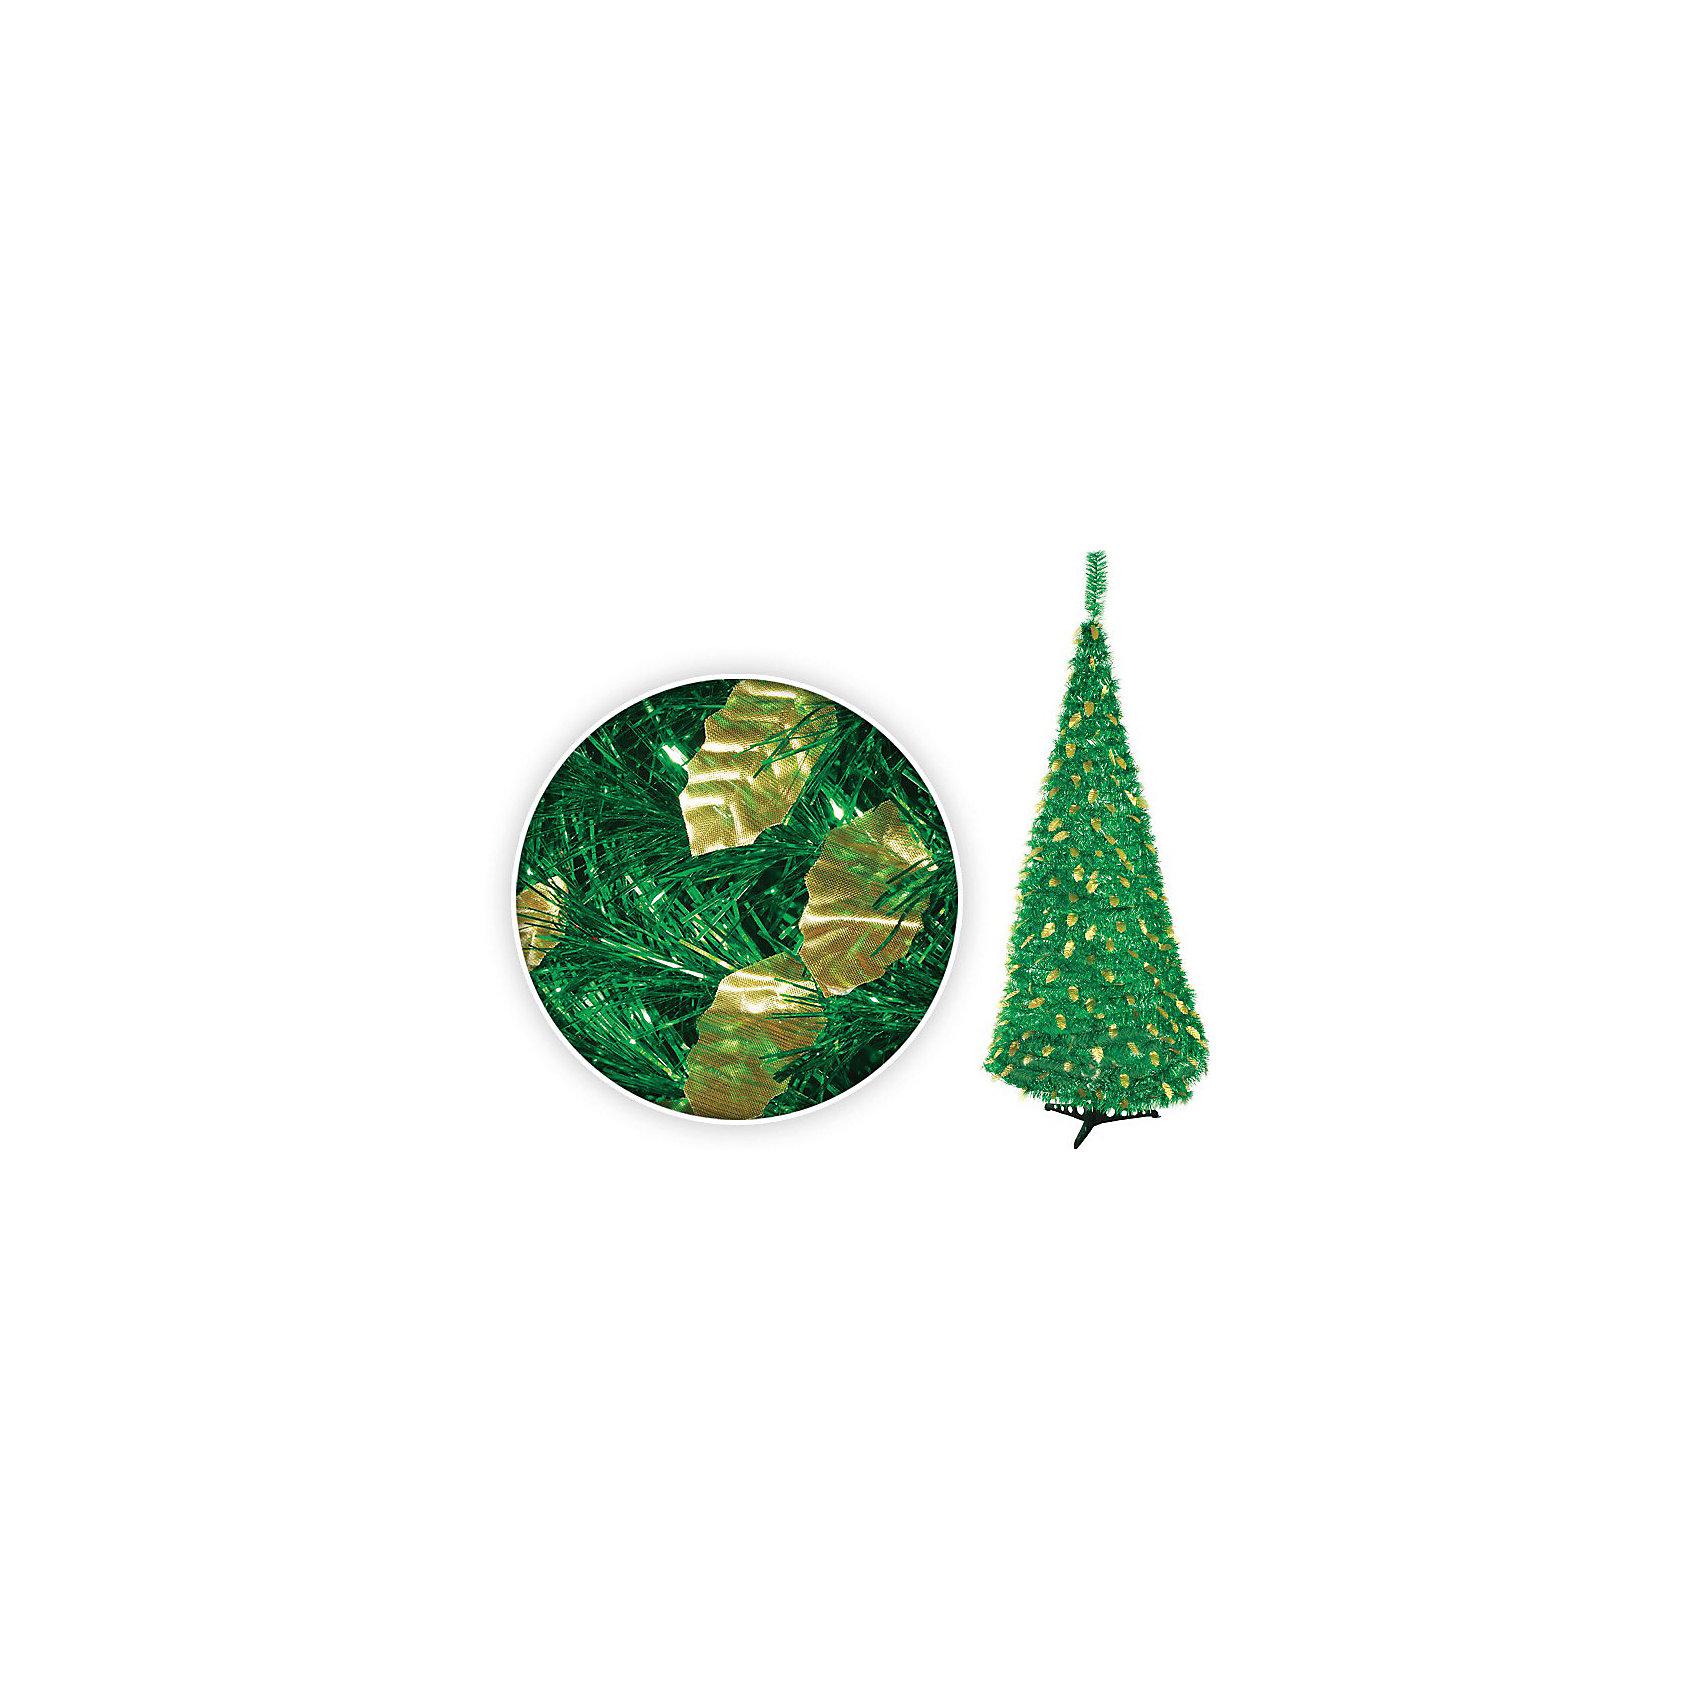 Ёлка фольгированная складная, 120 см, ЗЕЛЁНАЯВсё для праздника<br>Ёлка фольгированная складная (зеленая). Очень оригинальная елка, украшенная листочками из золотой фольги. Прекрасная новогодняя красавица принесет праздничное настроение в любой дом.<br><br>Дополнительная информация:<br><br>- Материал: пластик, фольга, металл<br>- Цвет в ассортименте: зеленый, золотой<br>- Размер: 120 см<br>- Устойчивая металлическая подставка<br><br>Фольгированную складную елку  можно купить в нашем магазине.<br><br>Ширина мм: 983<br>Глубина мм: 100<br>Высота мм: 100<br>Вес г: 983<br>Возраст от месяцев: 36<br>Возраст до месяцев: 216<br>Пол: Унисекс<br>Возраст: Детский<br>SKU: 3822101